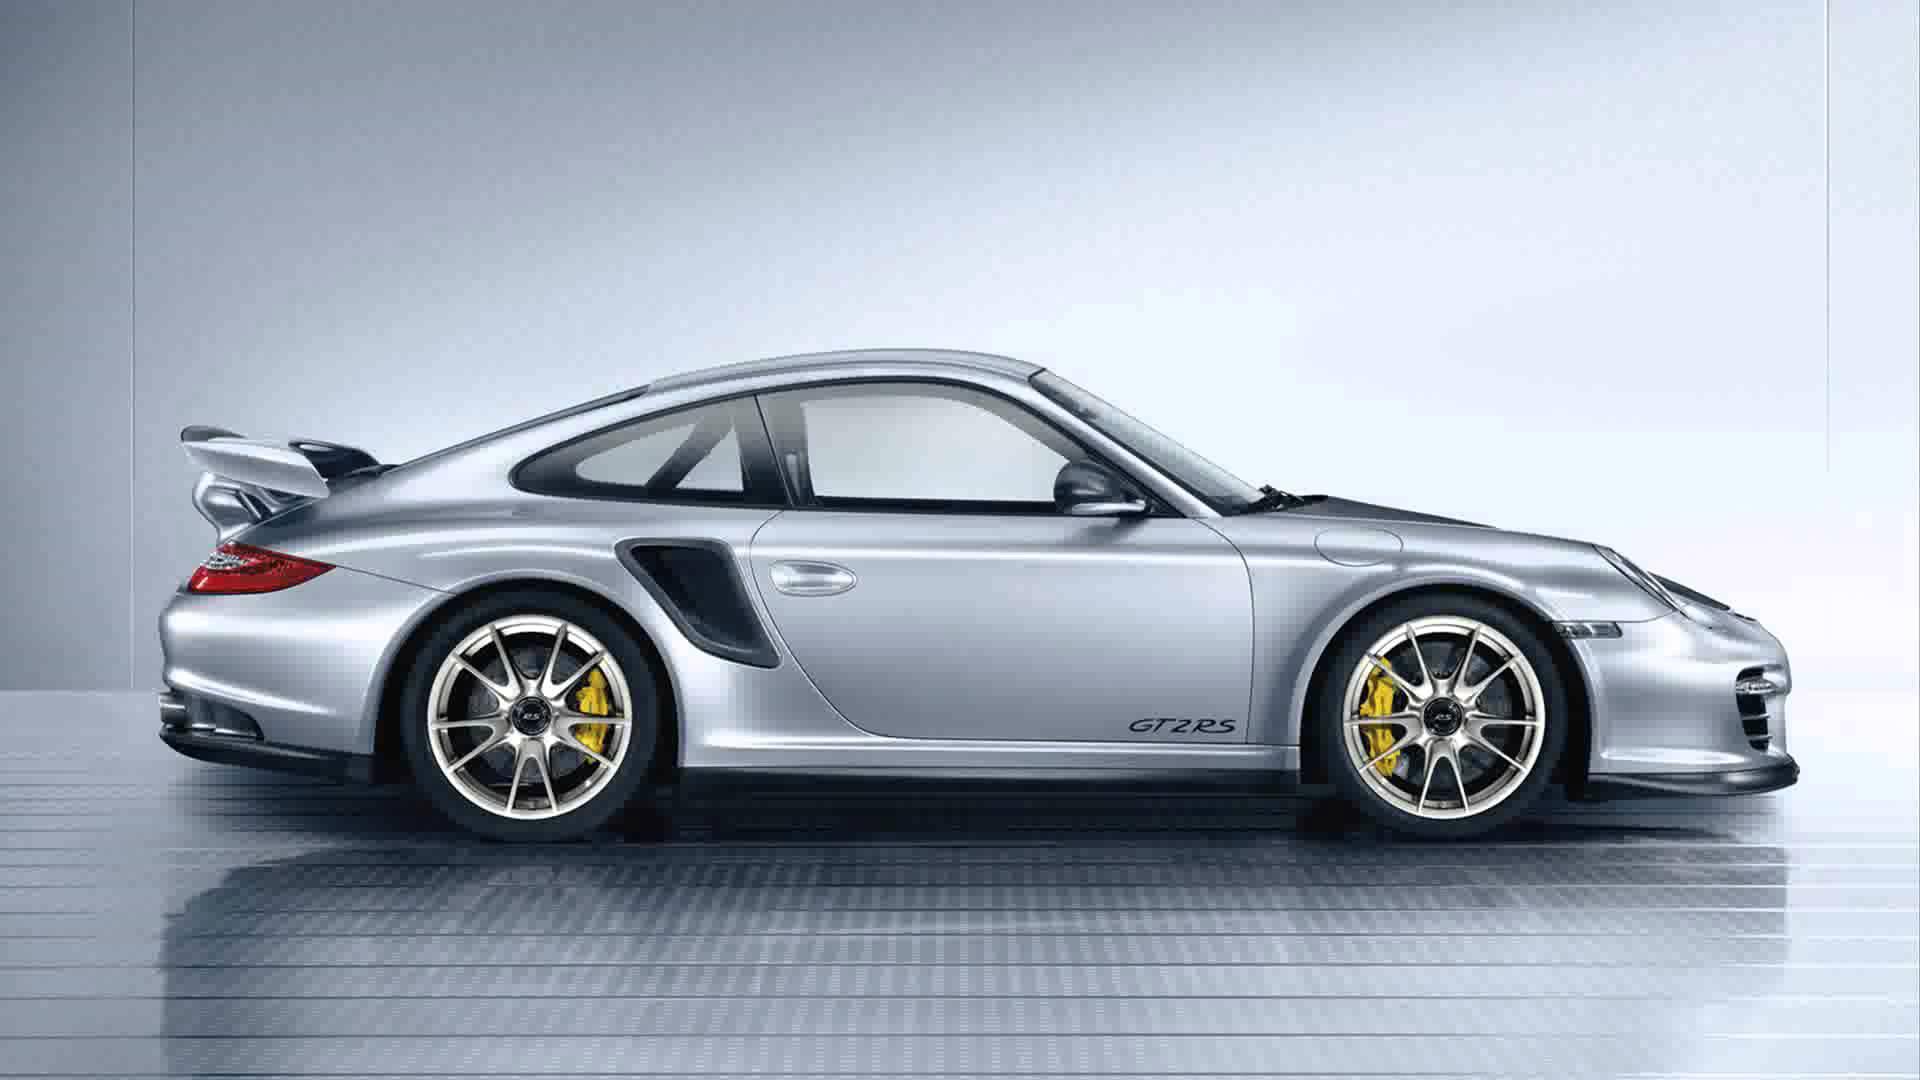 Porsche continúa probando el nuevo 911 GT2, superará la barrera de los 700 caballos 1